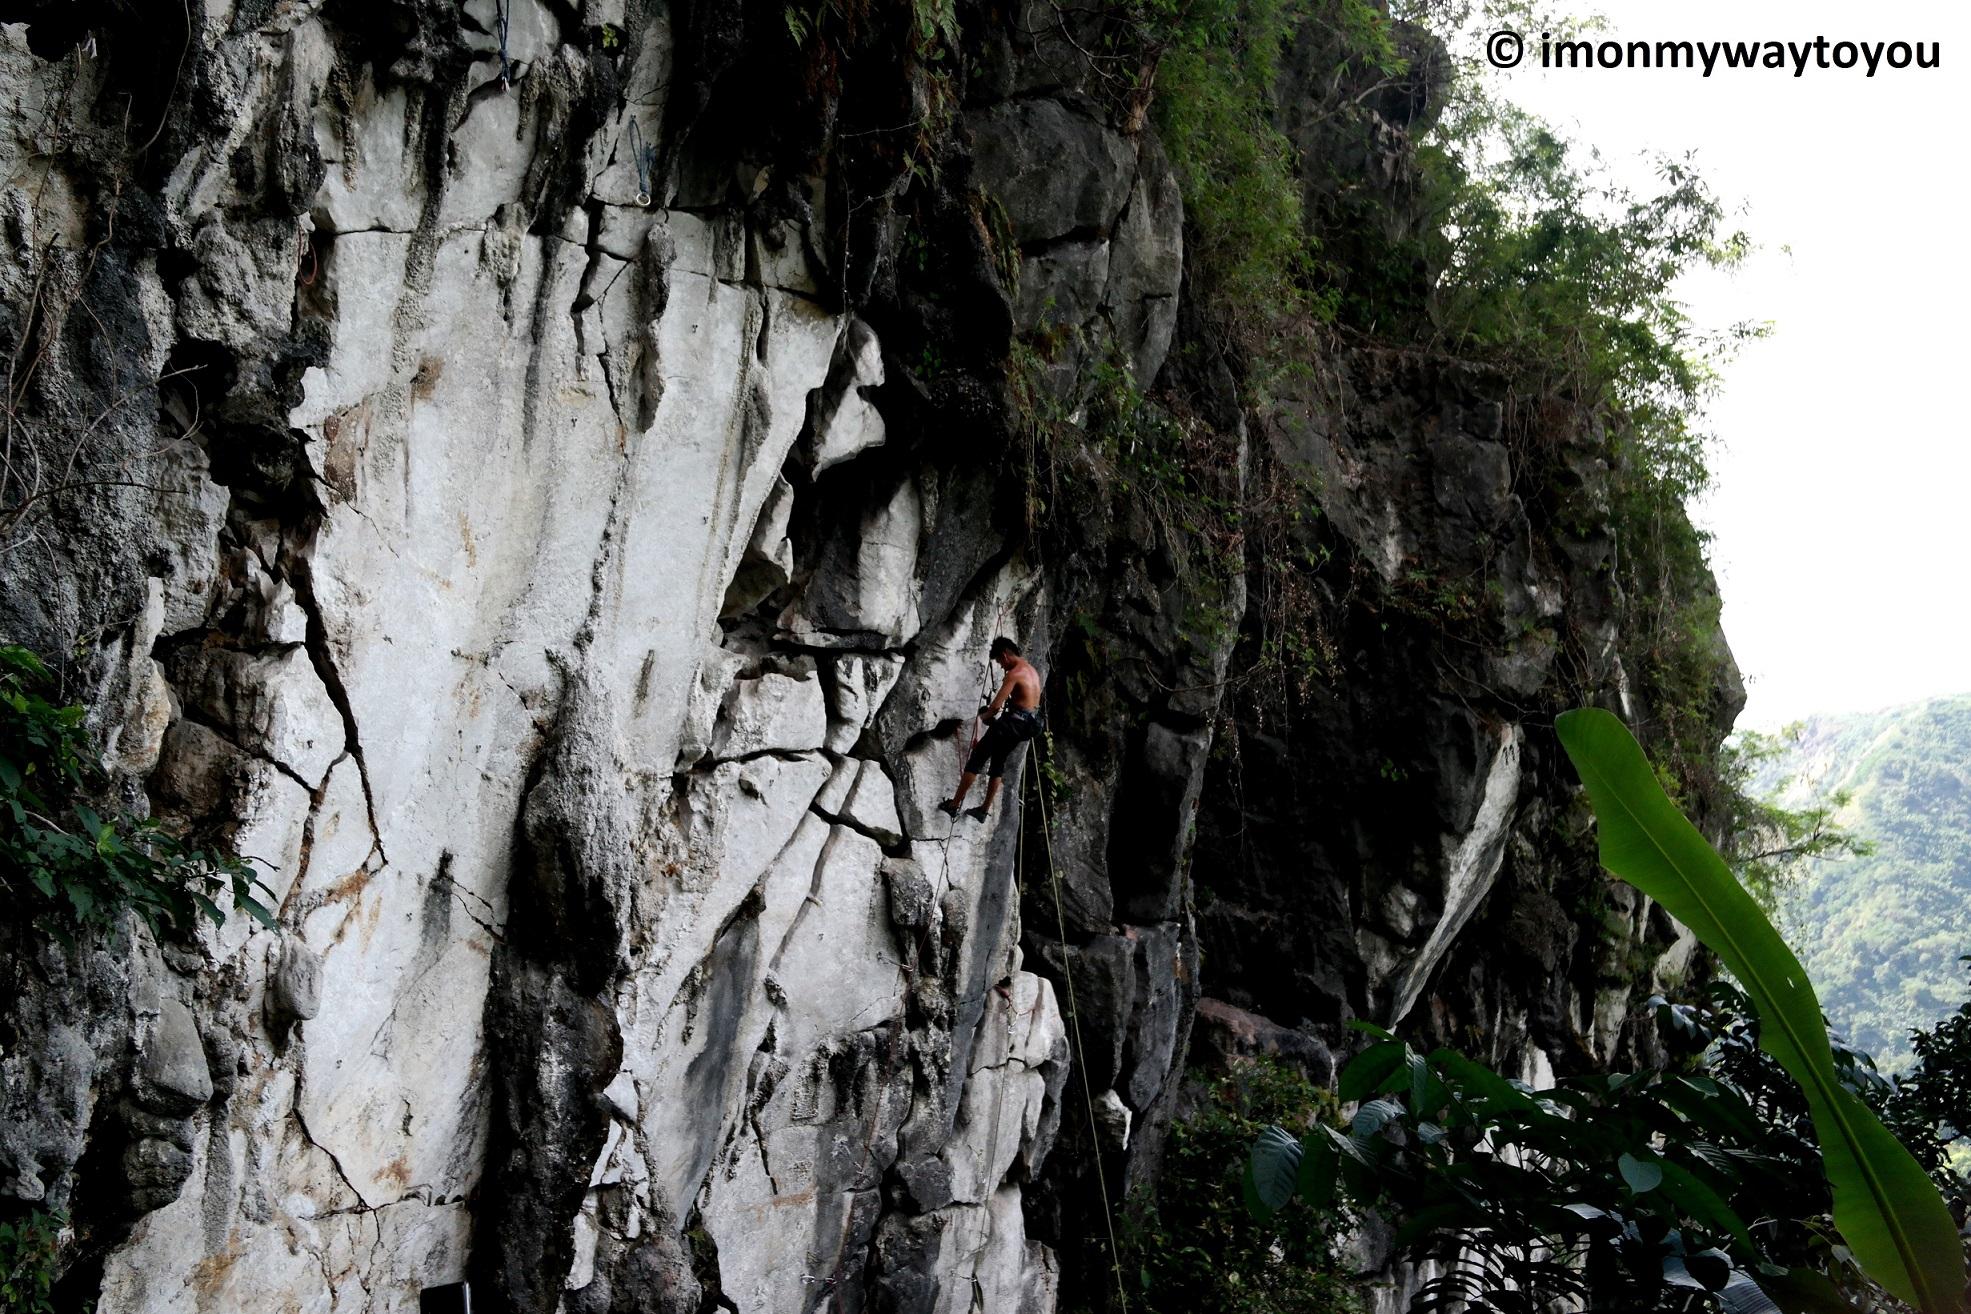 wawa dam rock climbing